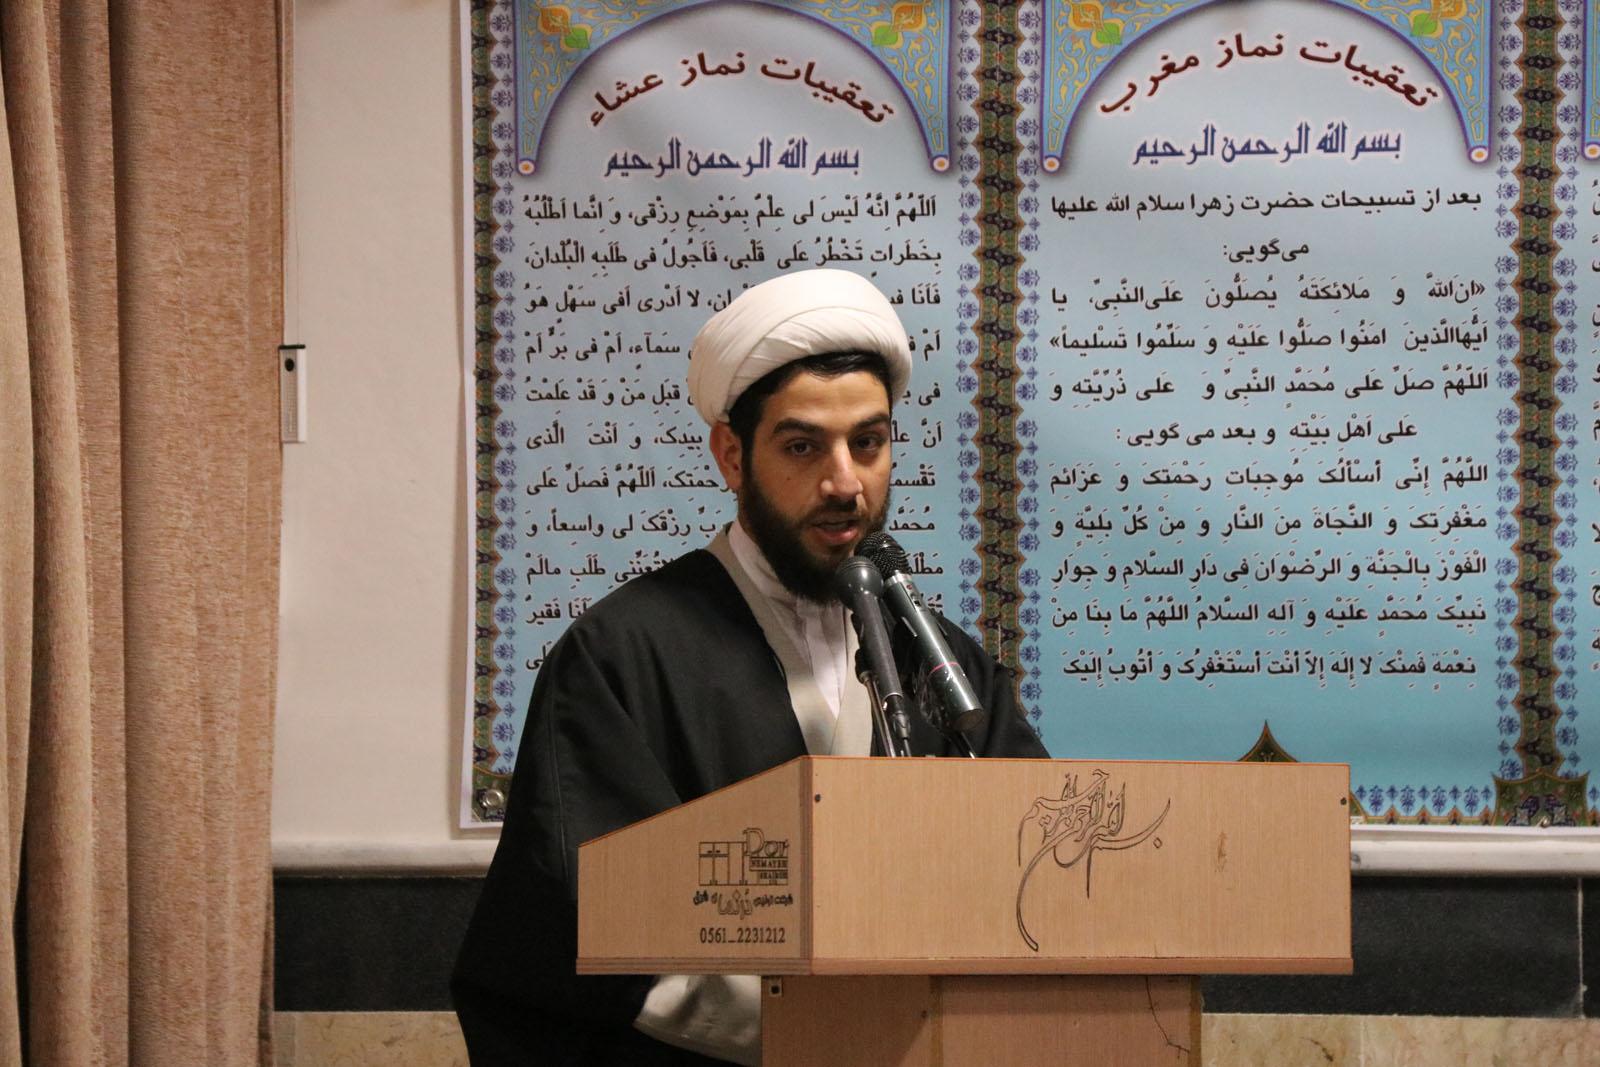 حجت الاسلام سابقی نشست نقدپذیری معصومین